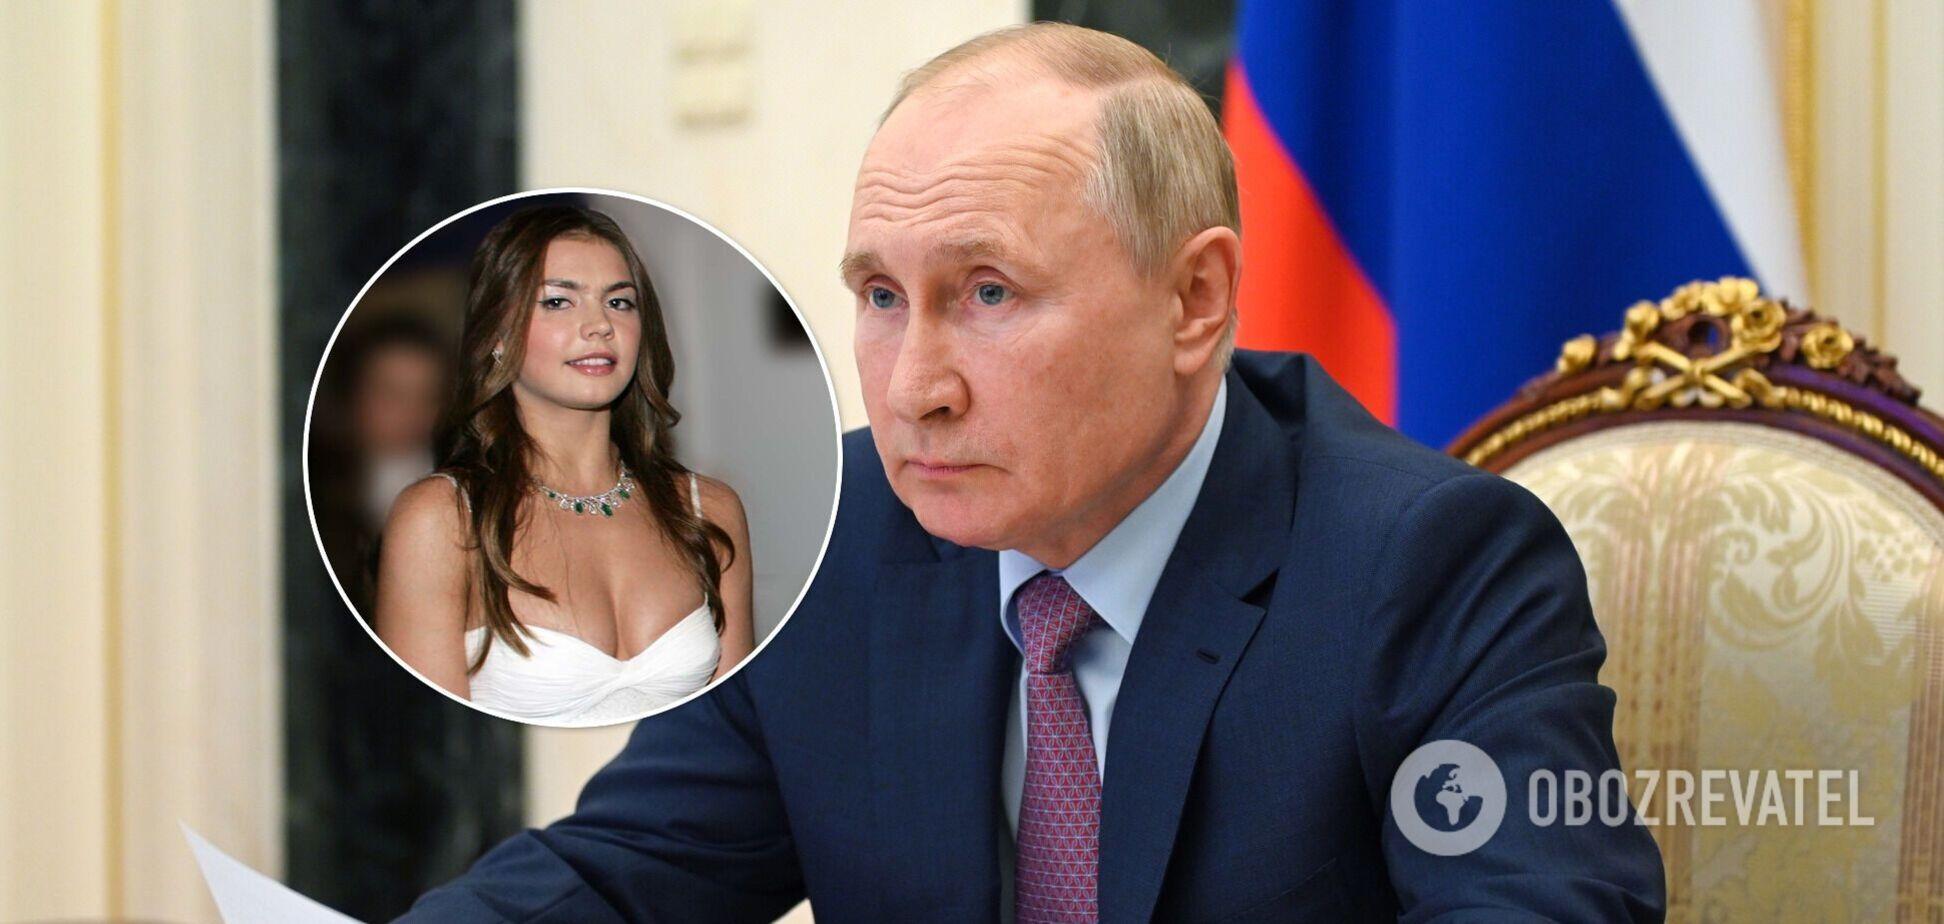 'Коханка' Путіна засвітилася в сукні за 90 тисяч гривень. Фото